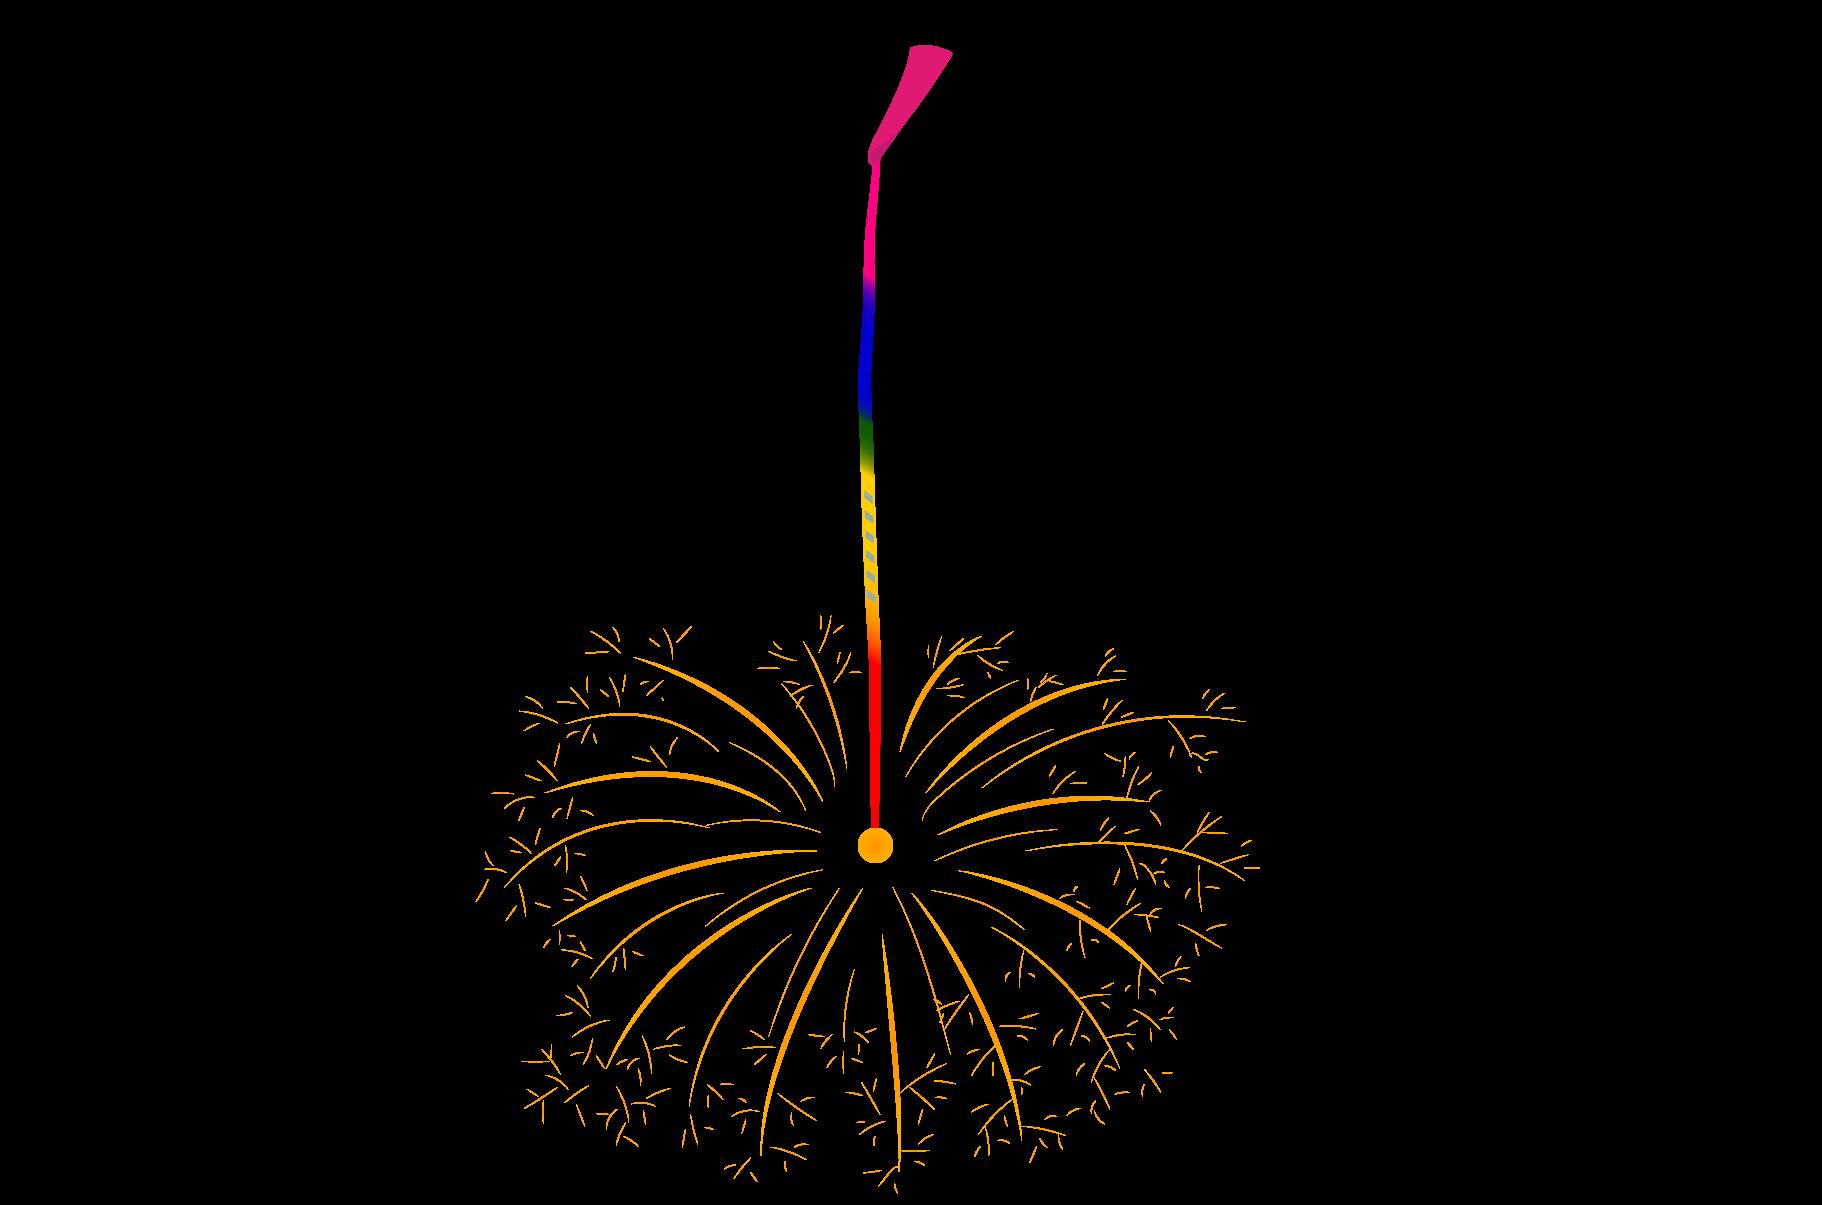 線香花火のイラスト | イラスト本舗